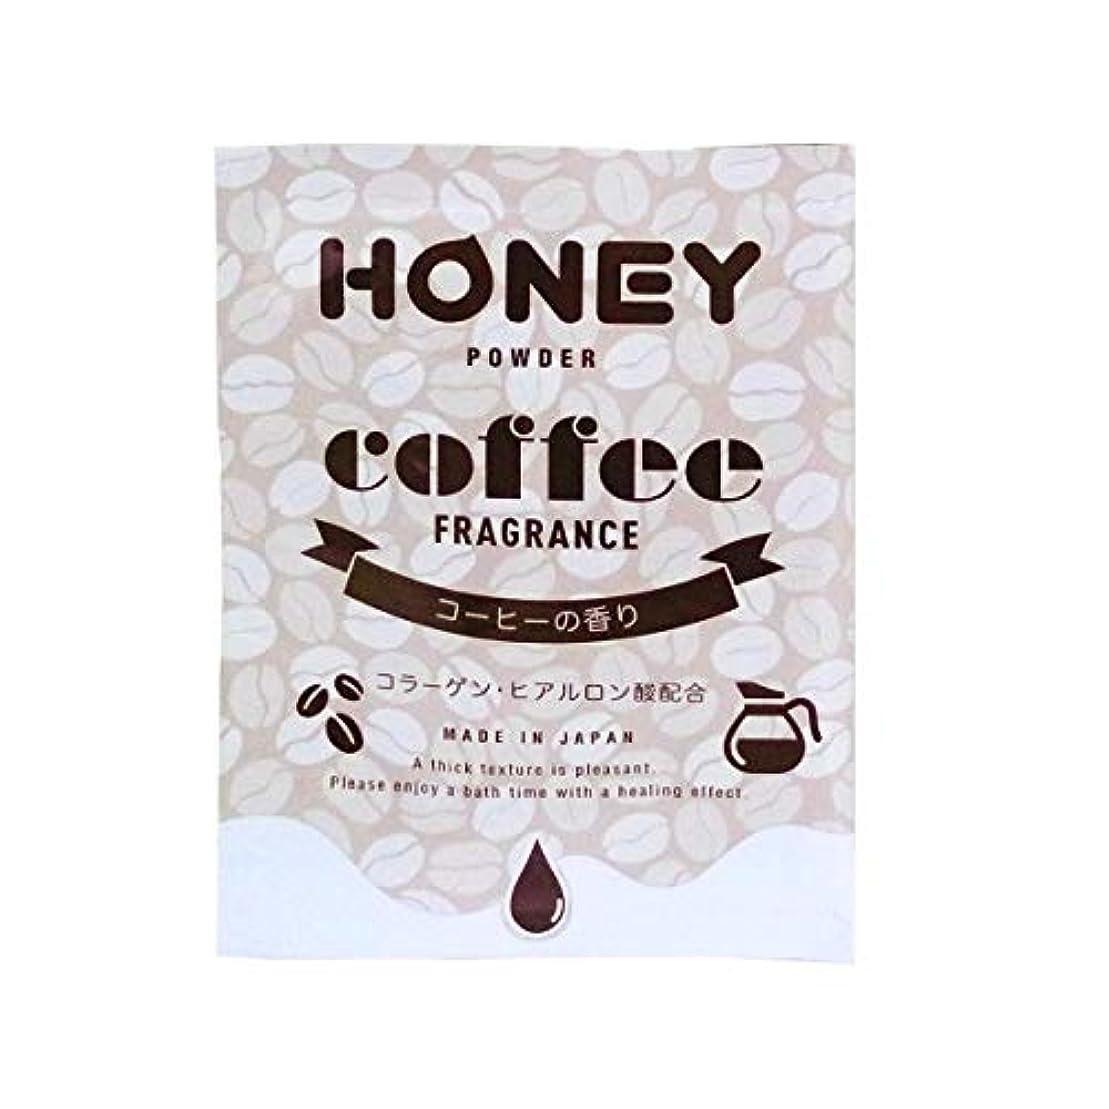 保安困った儀式とろとろ入浴剤【honey powder】(ハニーパウダー) 2個セット コーヒーの香り 粉末タイプ ローション